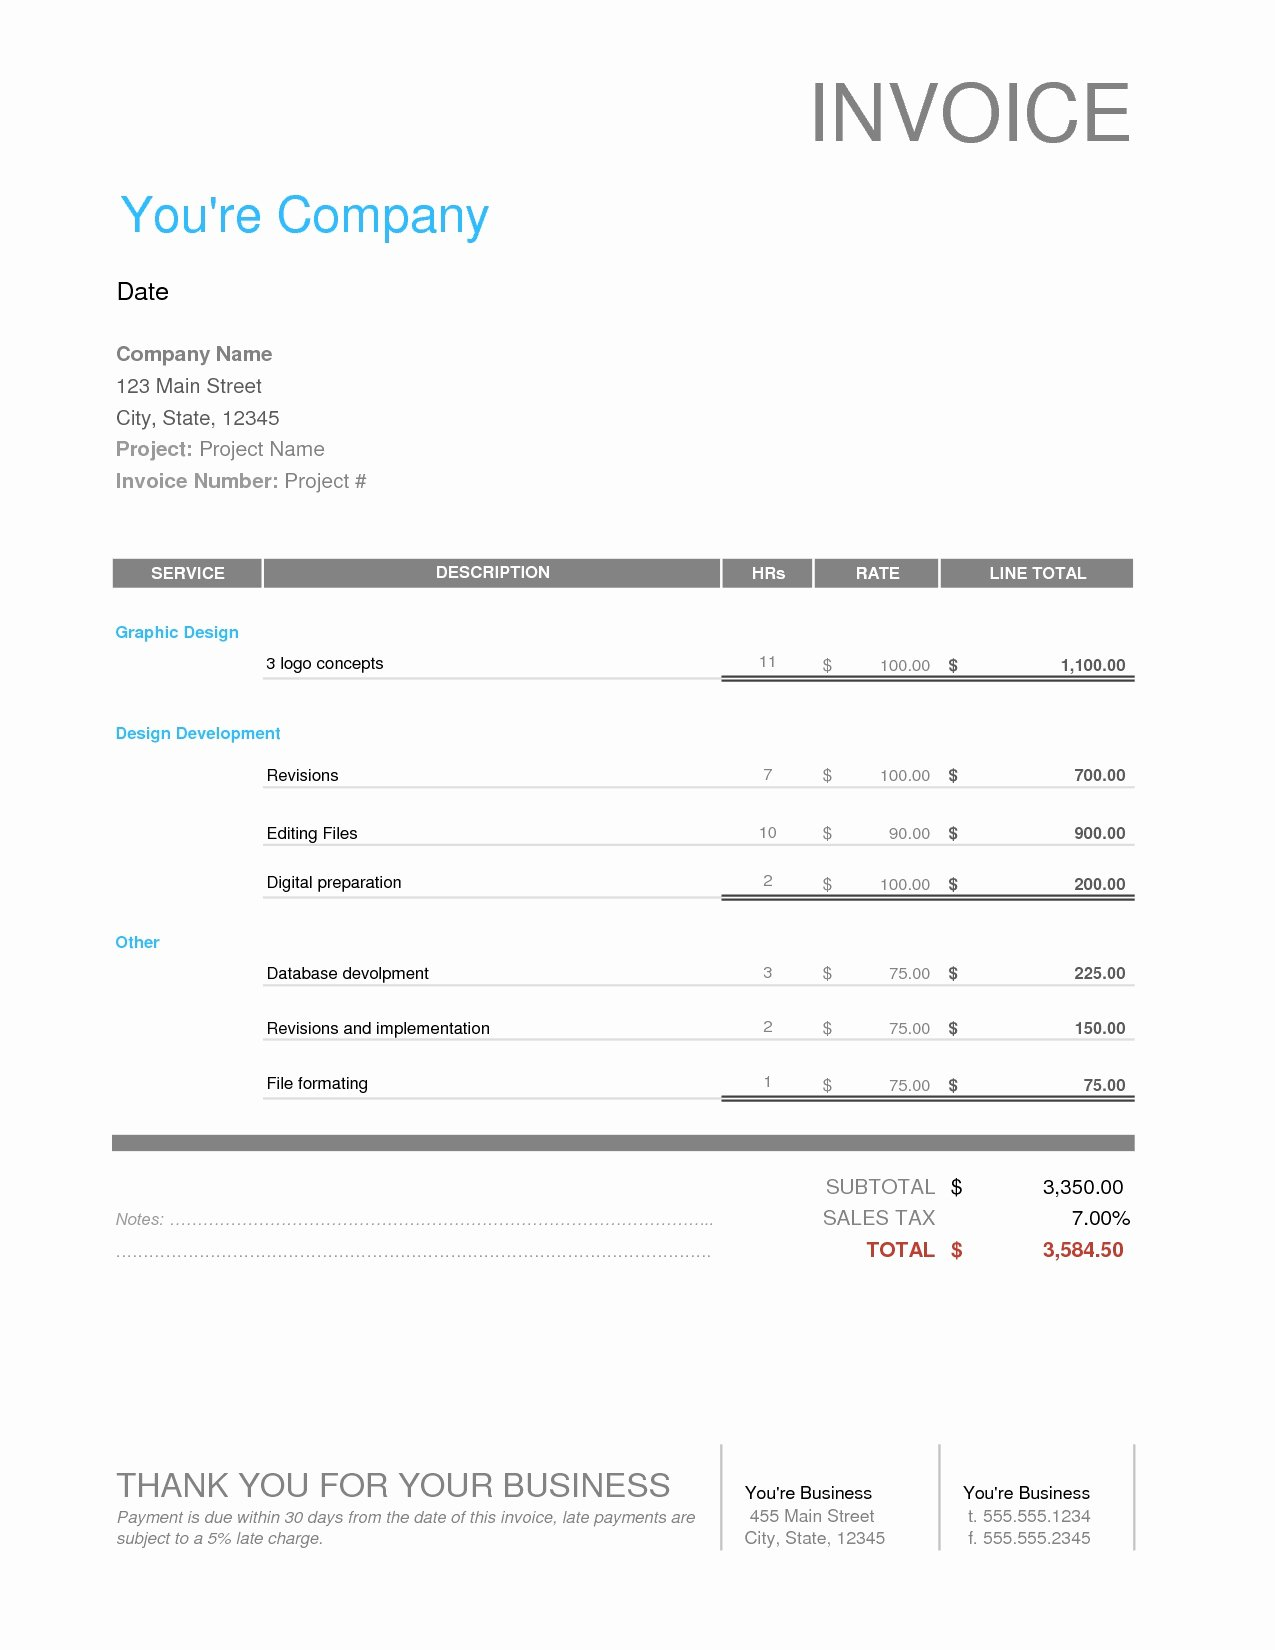 Web Design Invoice Template Beautiful Web Design Invoice Sample Invoice Template Ideas